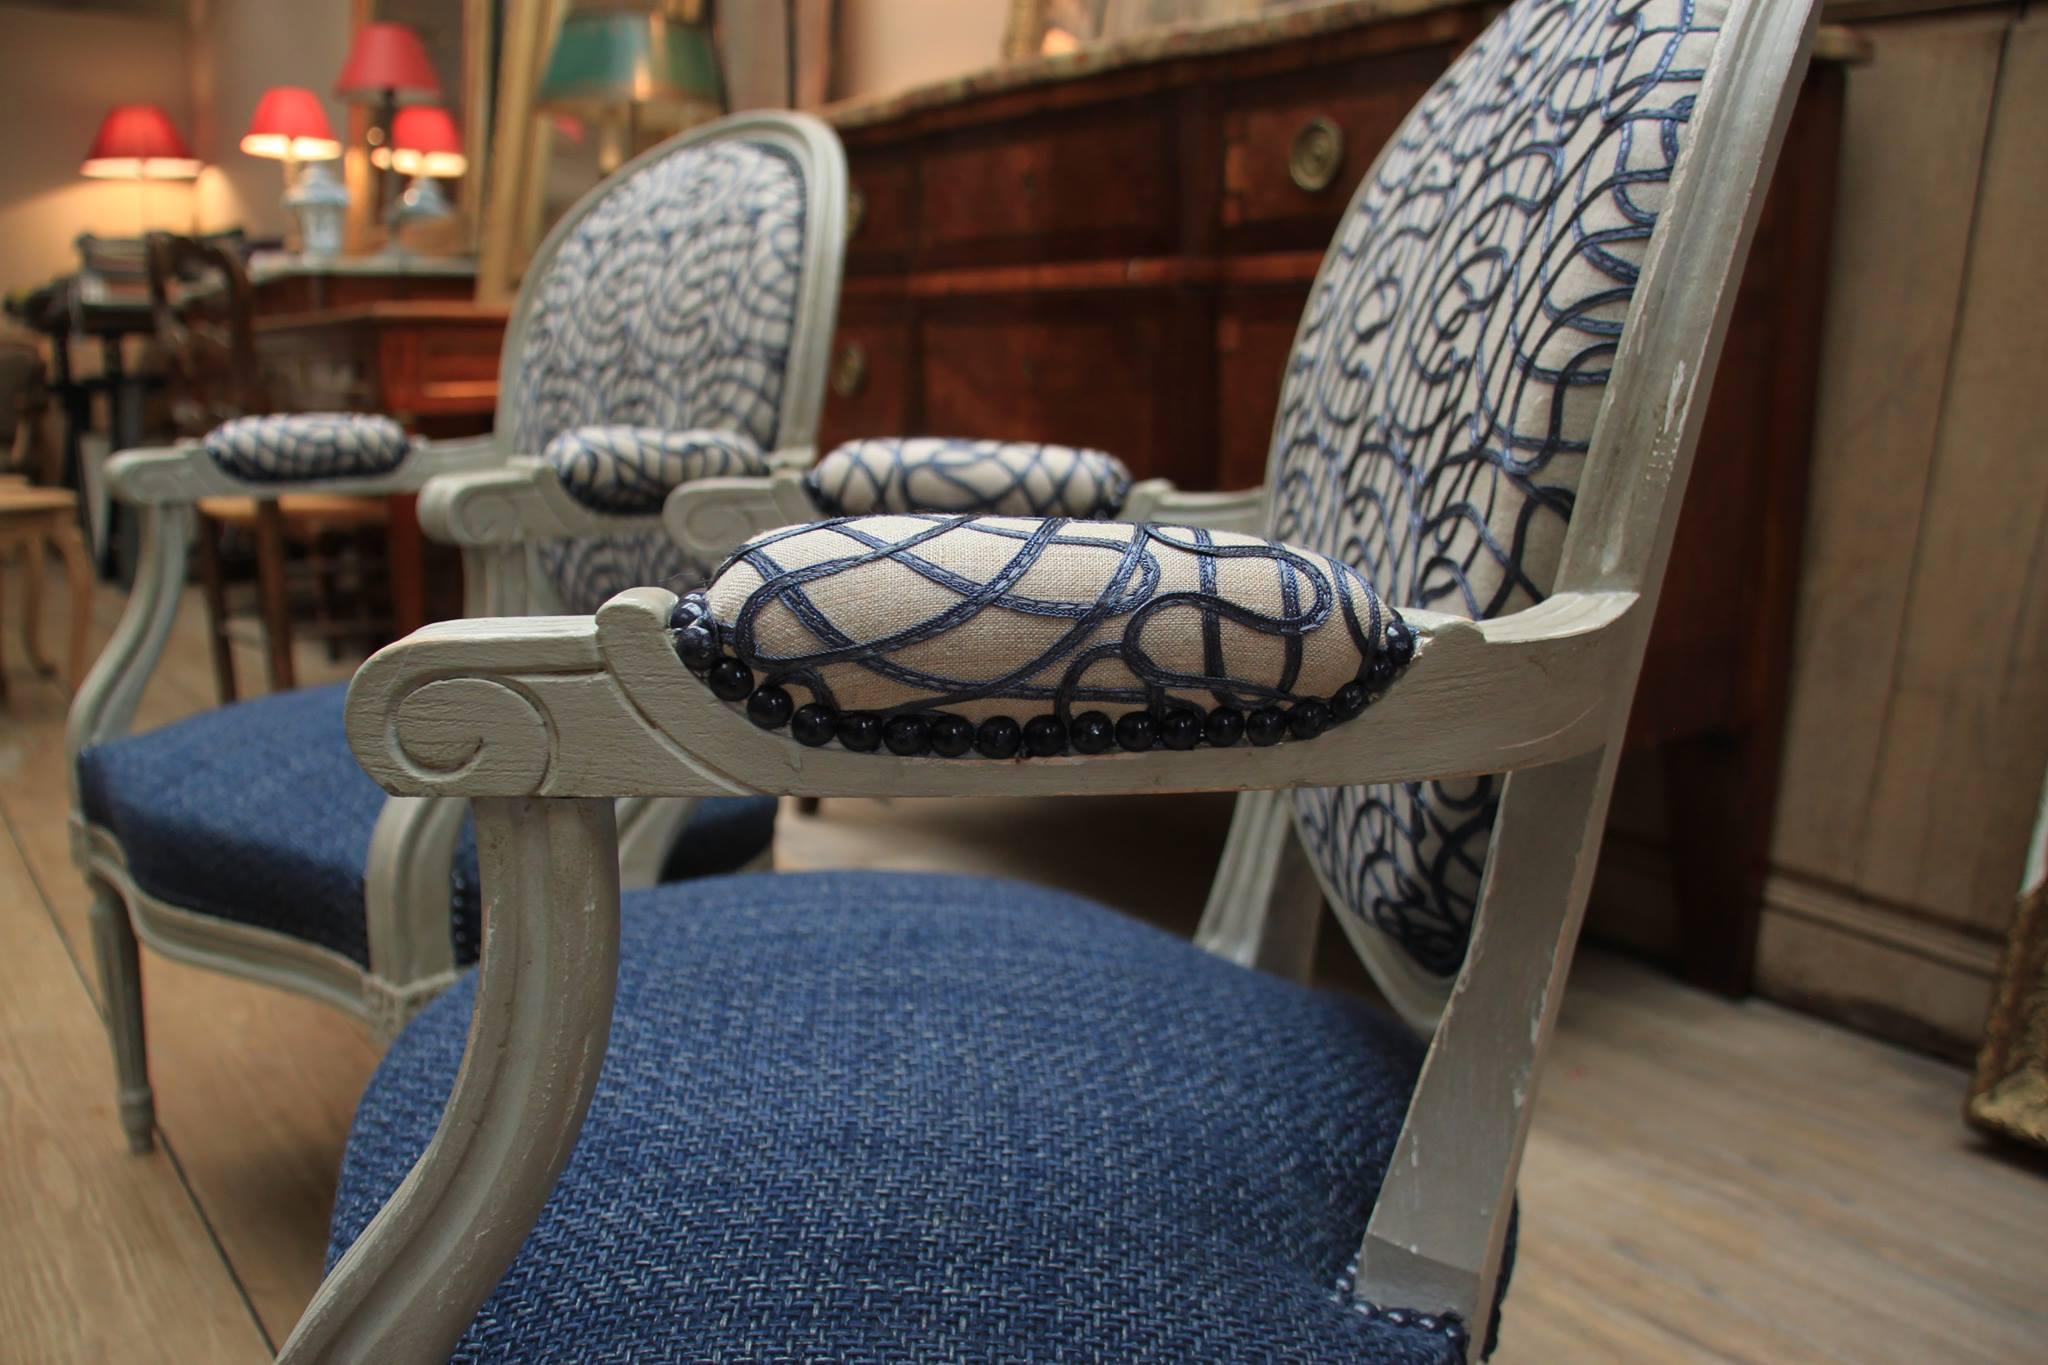 Fauteuil Club A Restaurer paille coco - garnissage - fauteuil club - rénovation cuir